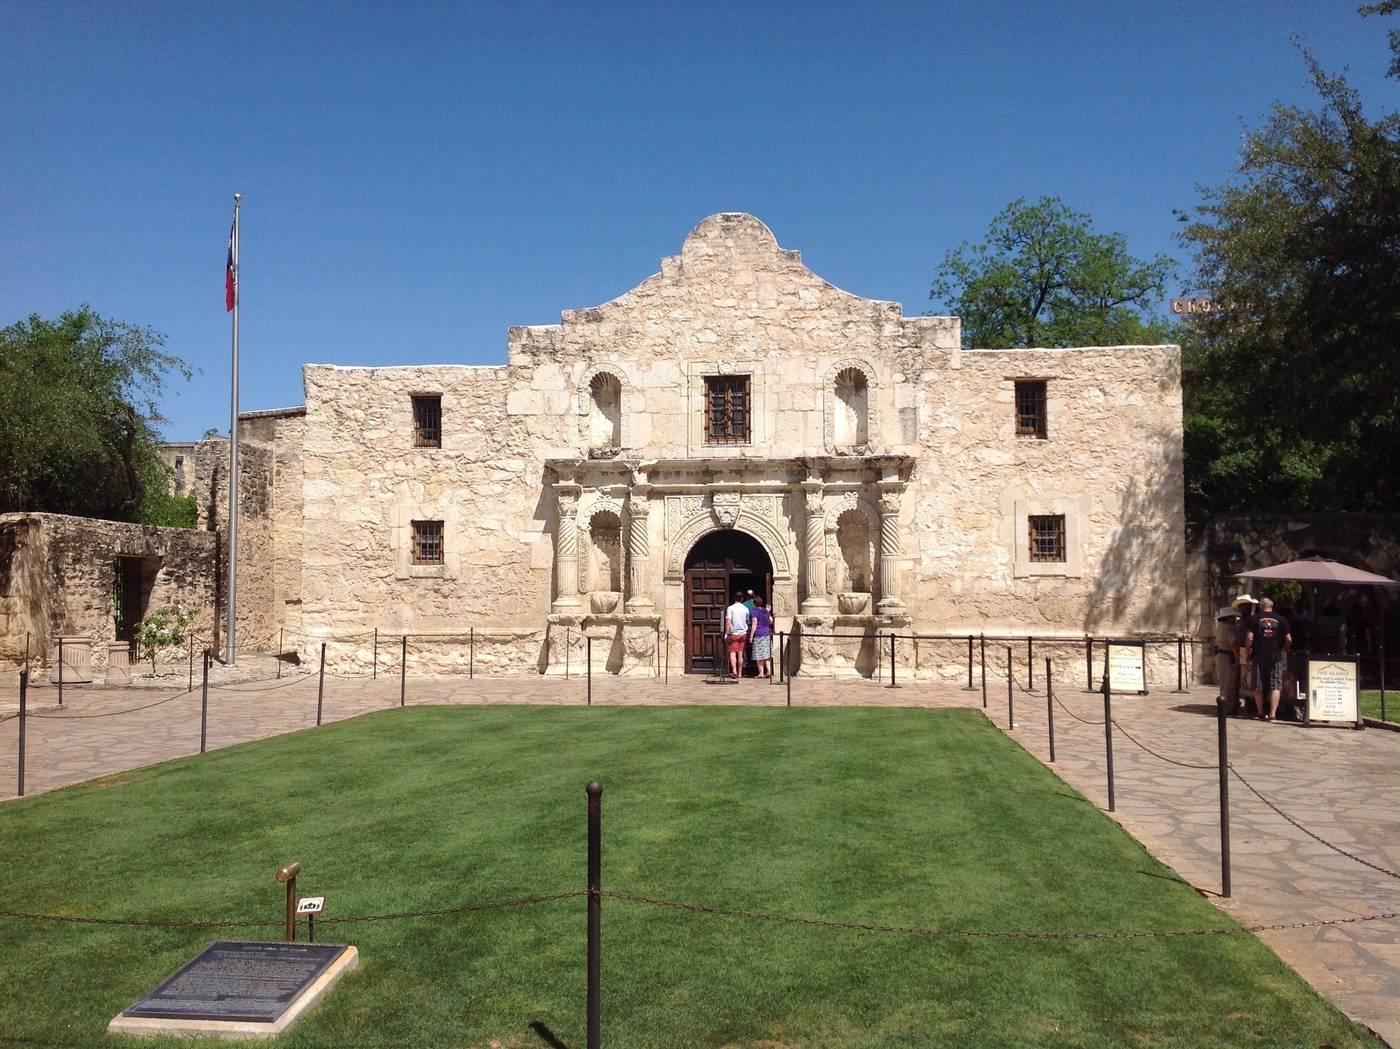 Aaa San Antonio >> Aaa Travel Guides